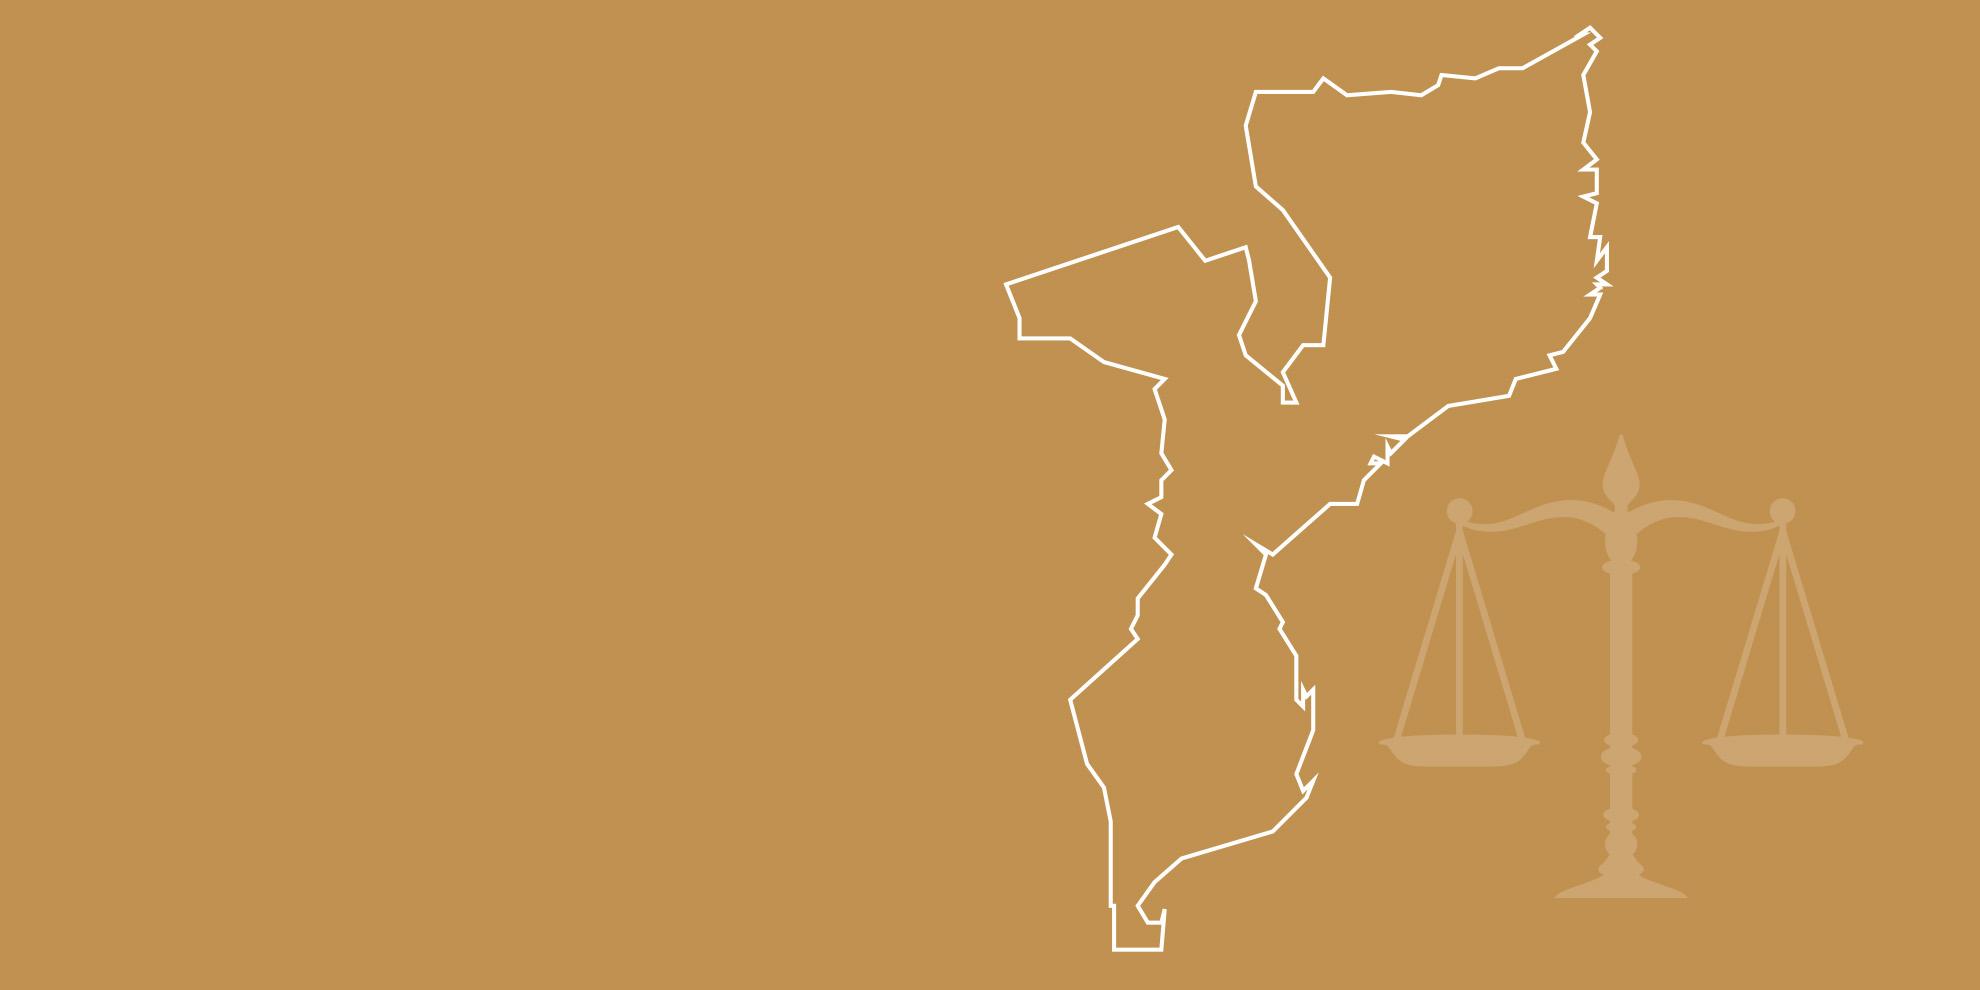 Estudo exploratório sobre o acesso à justiça e o desempenho funcional dos tribunais em Moçambique